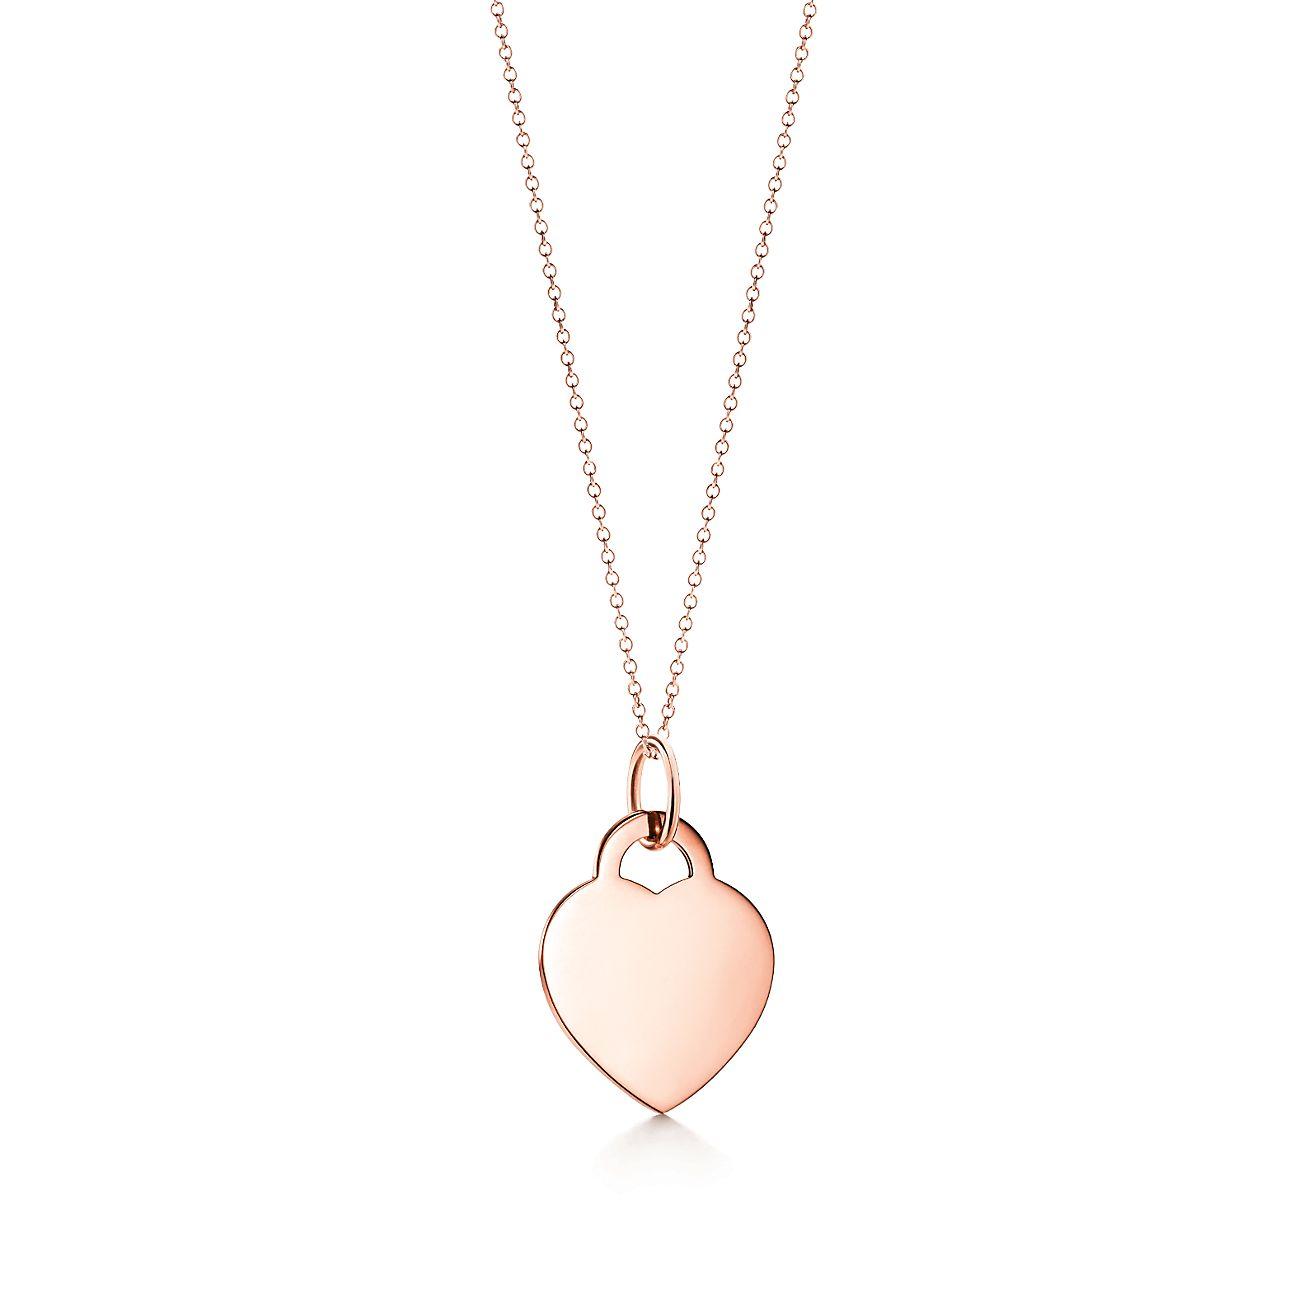 Volver Al Encanto De La Etiqueta Del Corazón De Tiffany En Oro De 18 Quilates, Tiffany & Co Medio De Rosas.